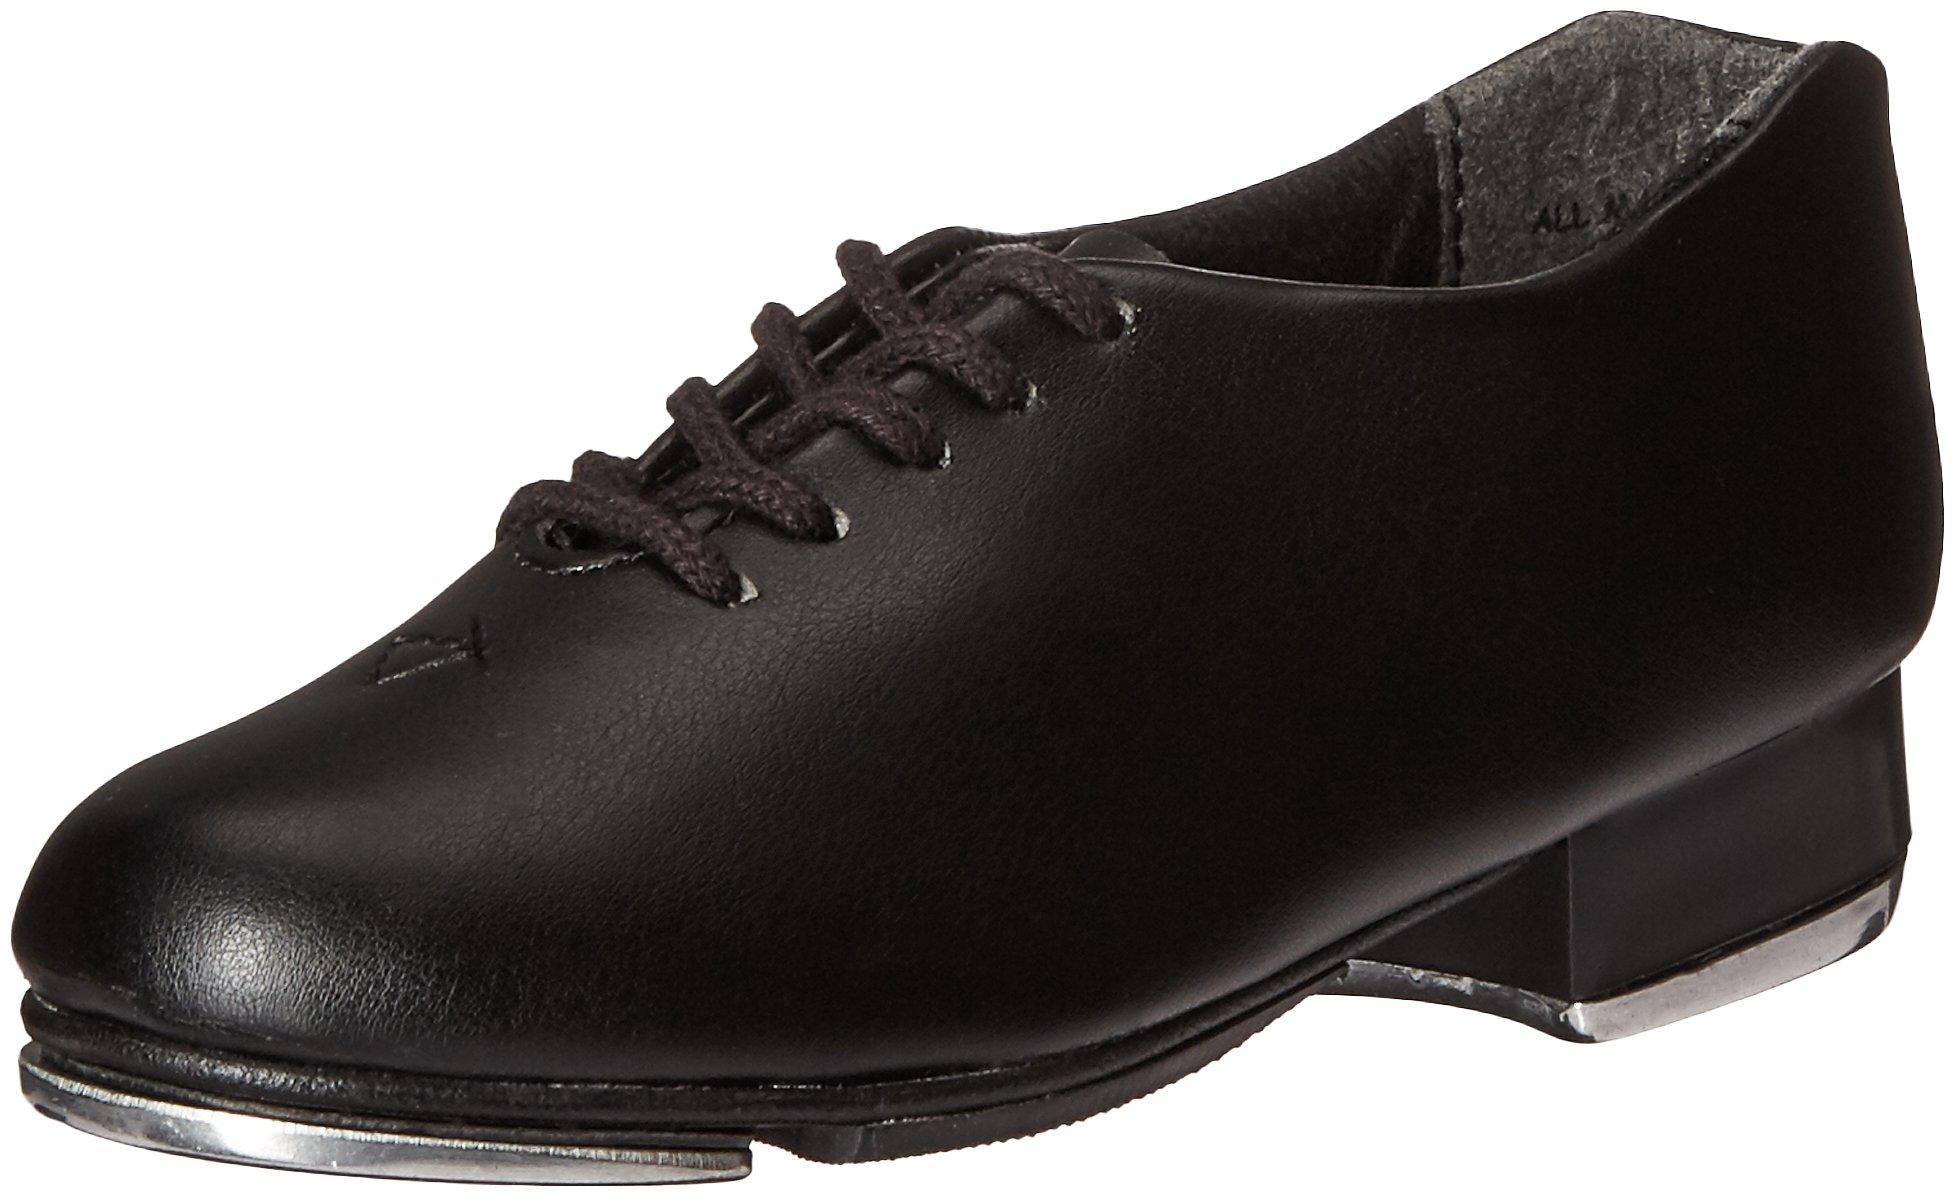 Capezio Kids' Tic Tap Toe Ballet Shoe, Black, 2 M US Little Kid